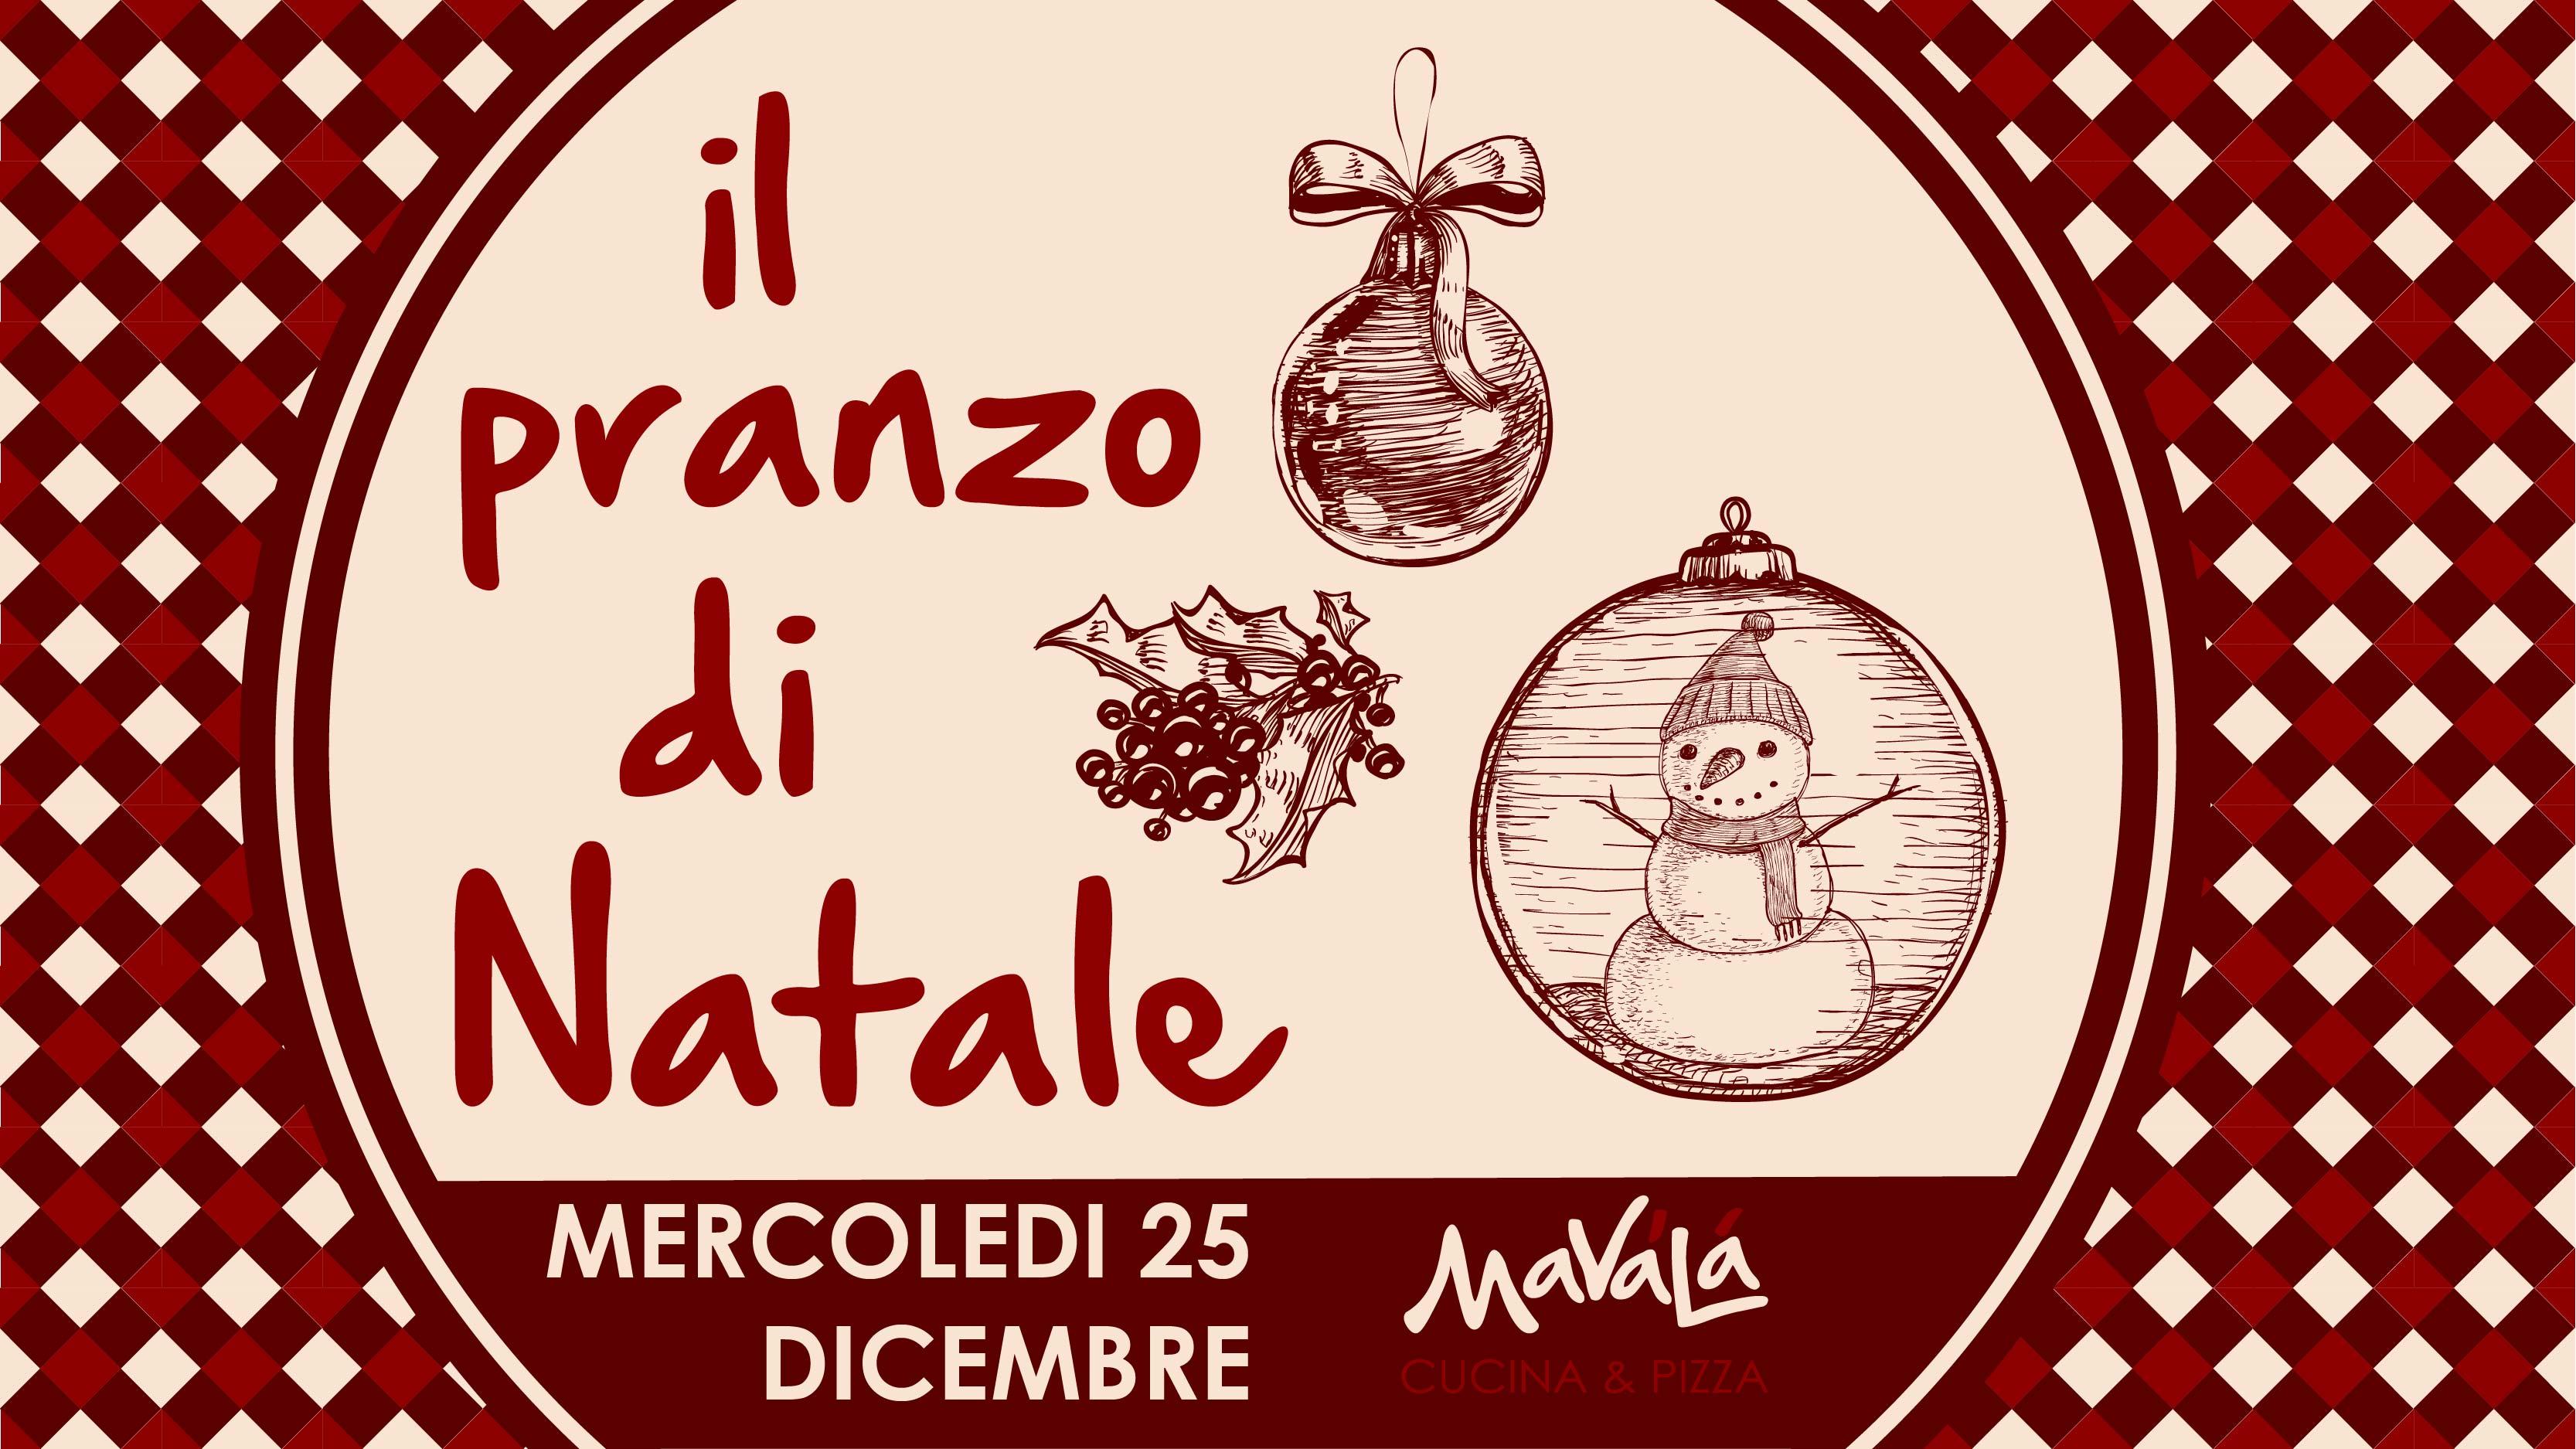 MAVALA_LOCANDINE_DICEMBRE_25_NATALE-04